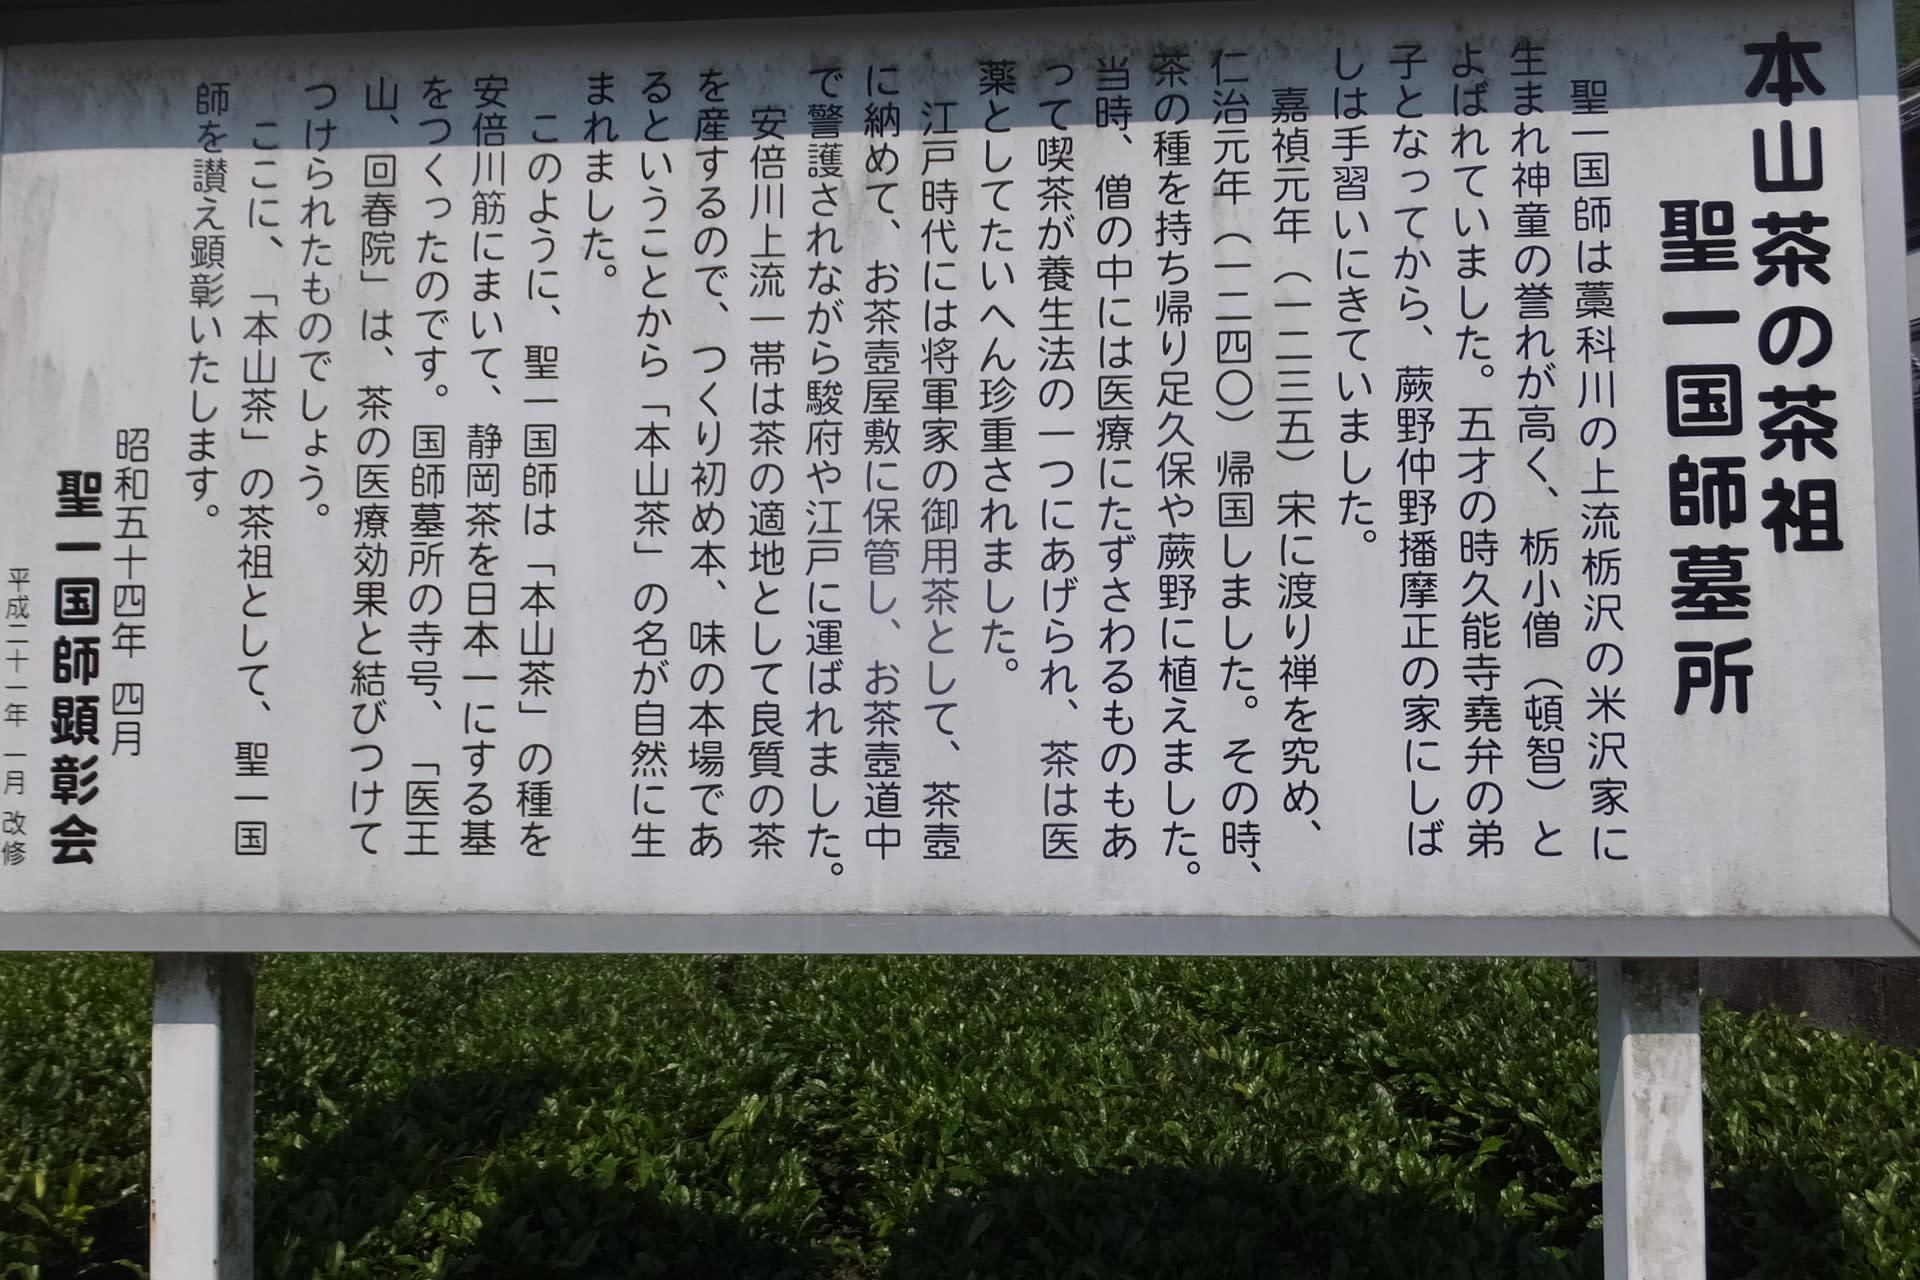 静岡の茶祖は聖一国師です - 日...